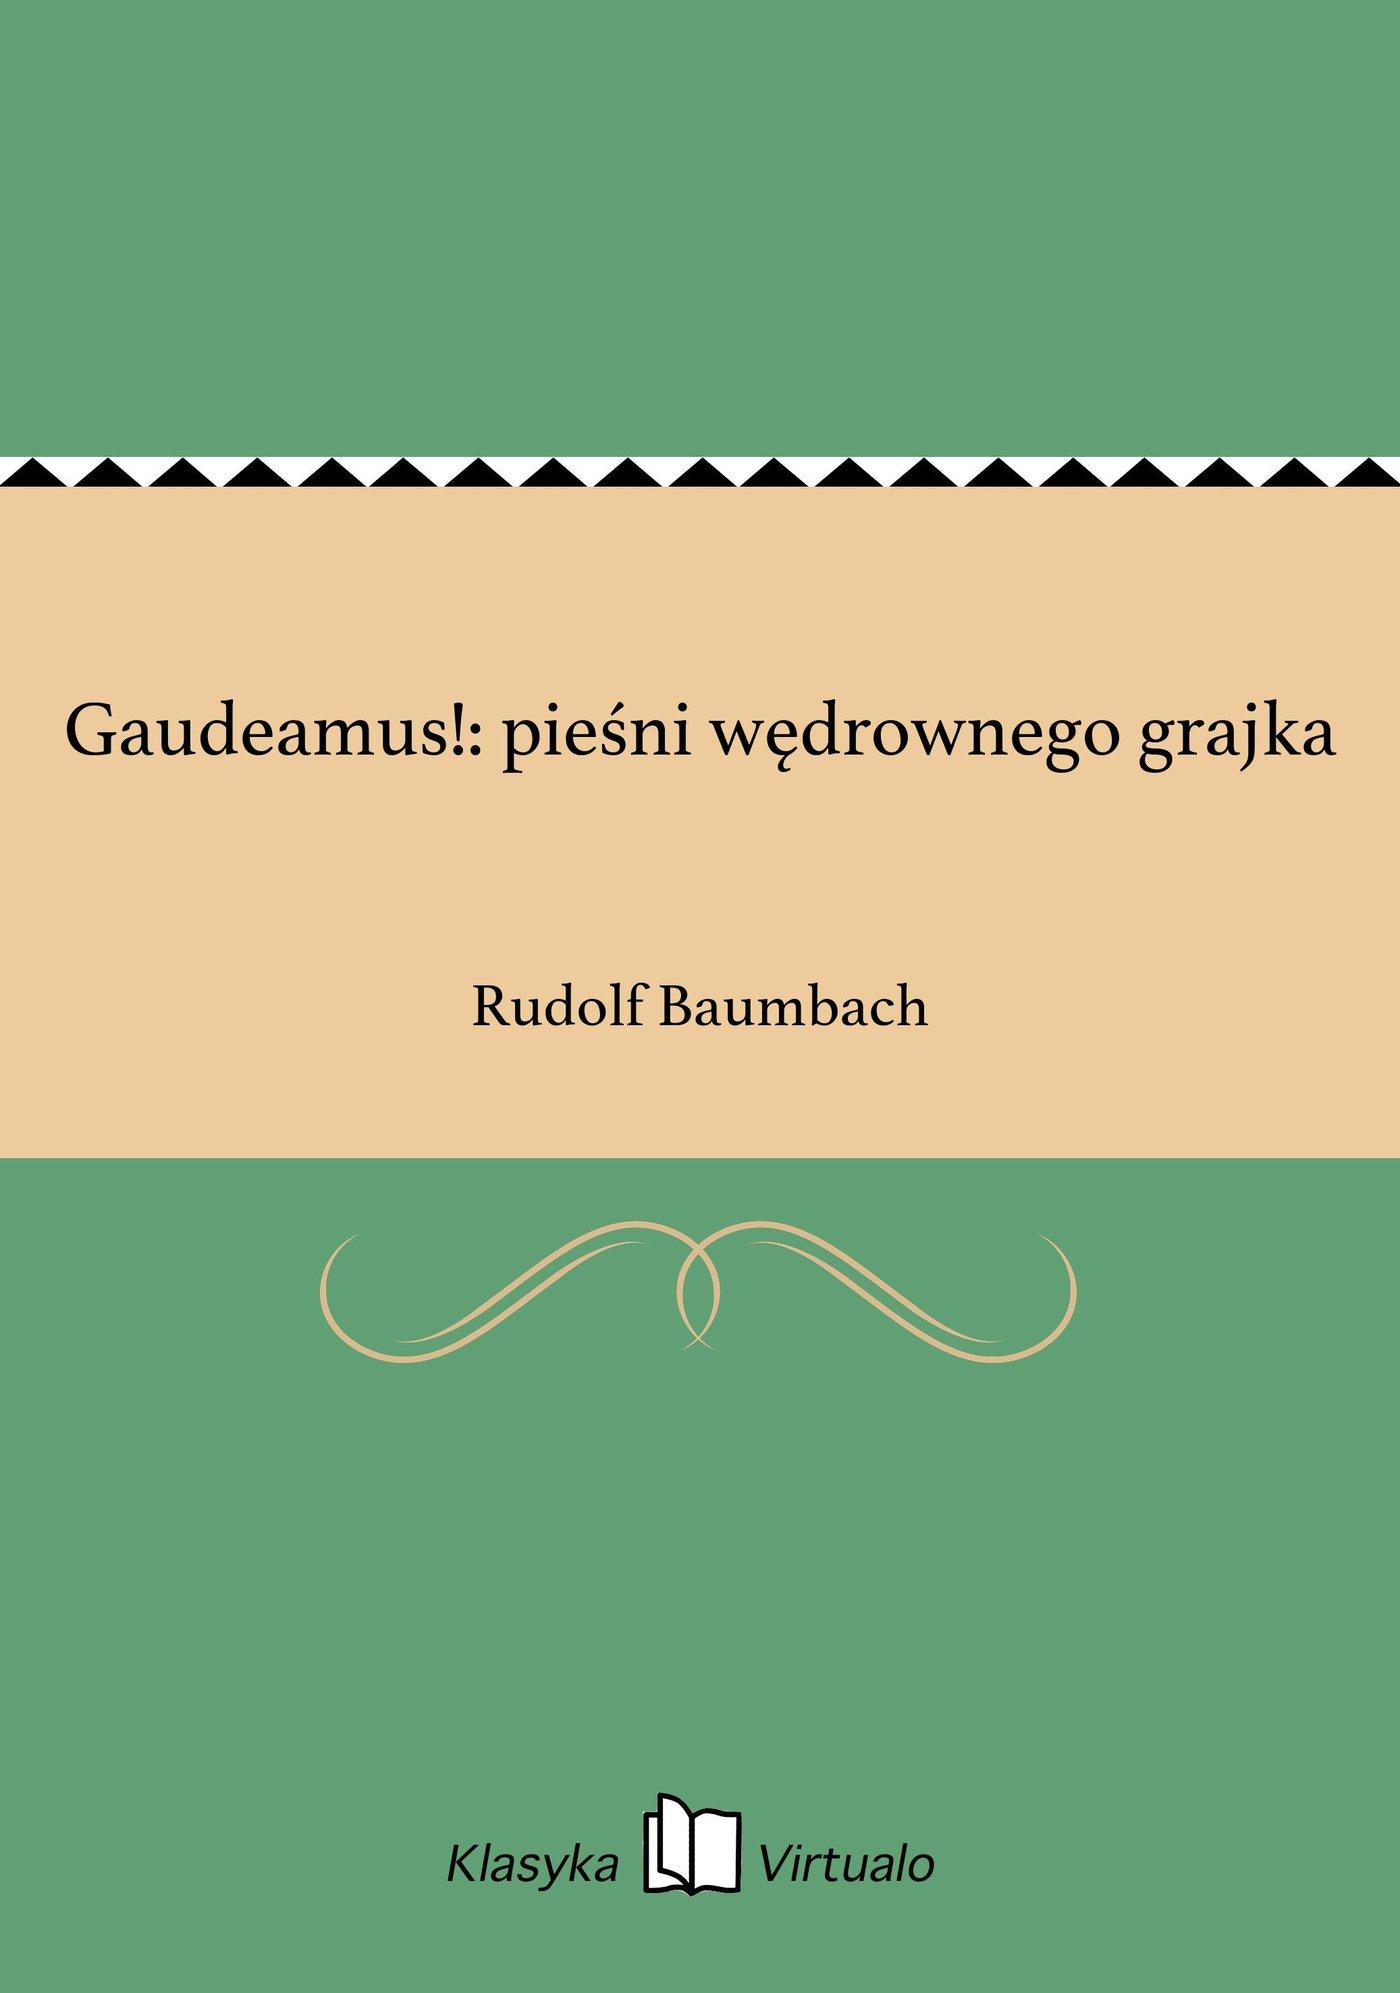 Gaudeamus!: pieśni wędrownego grajka - Ebook (Książka EPUB) do pobrania w formacie EPUB